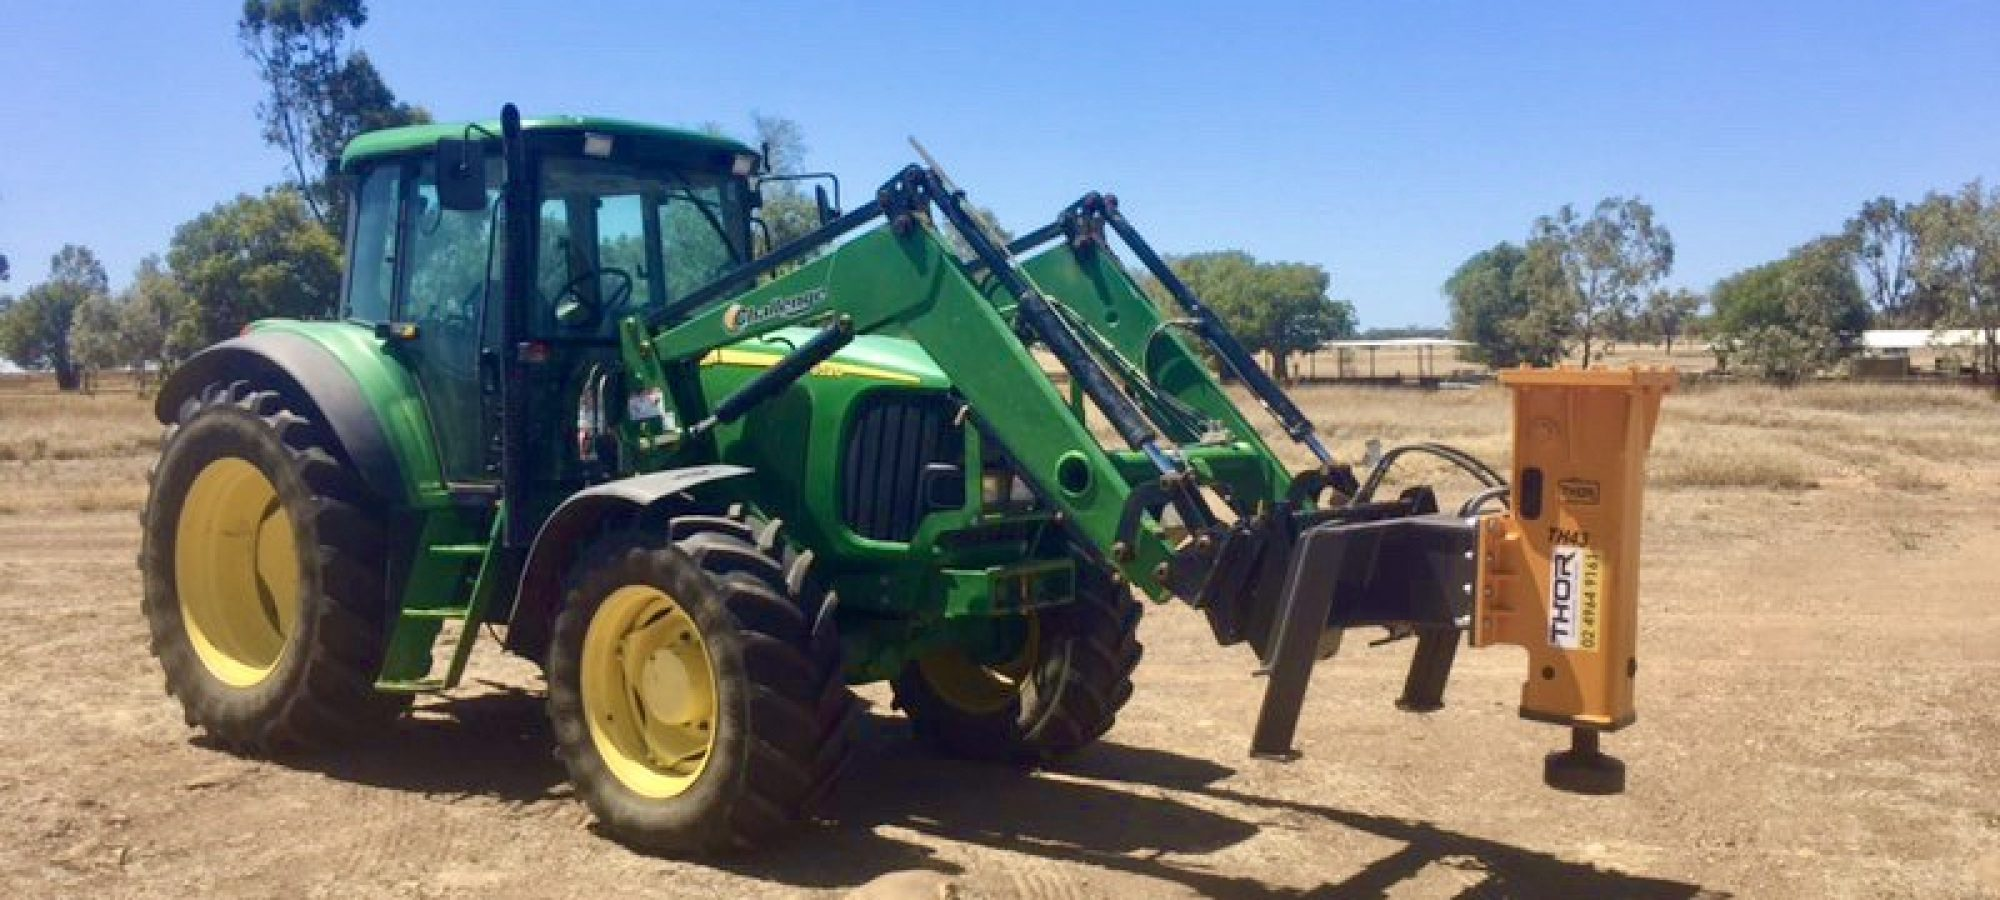 TH43S_ John Deere Tractor